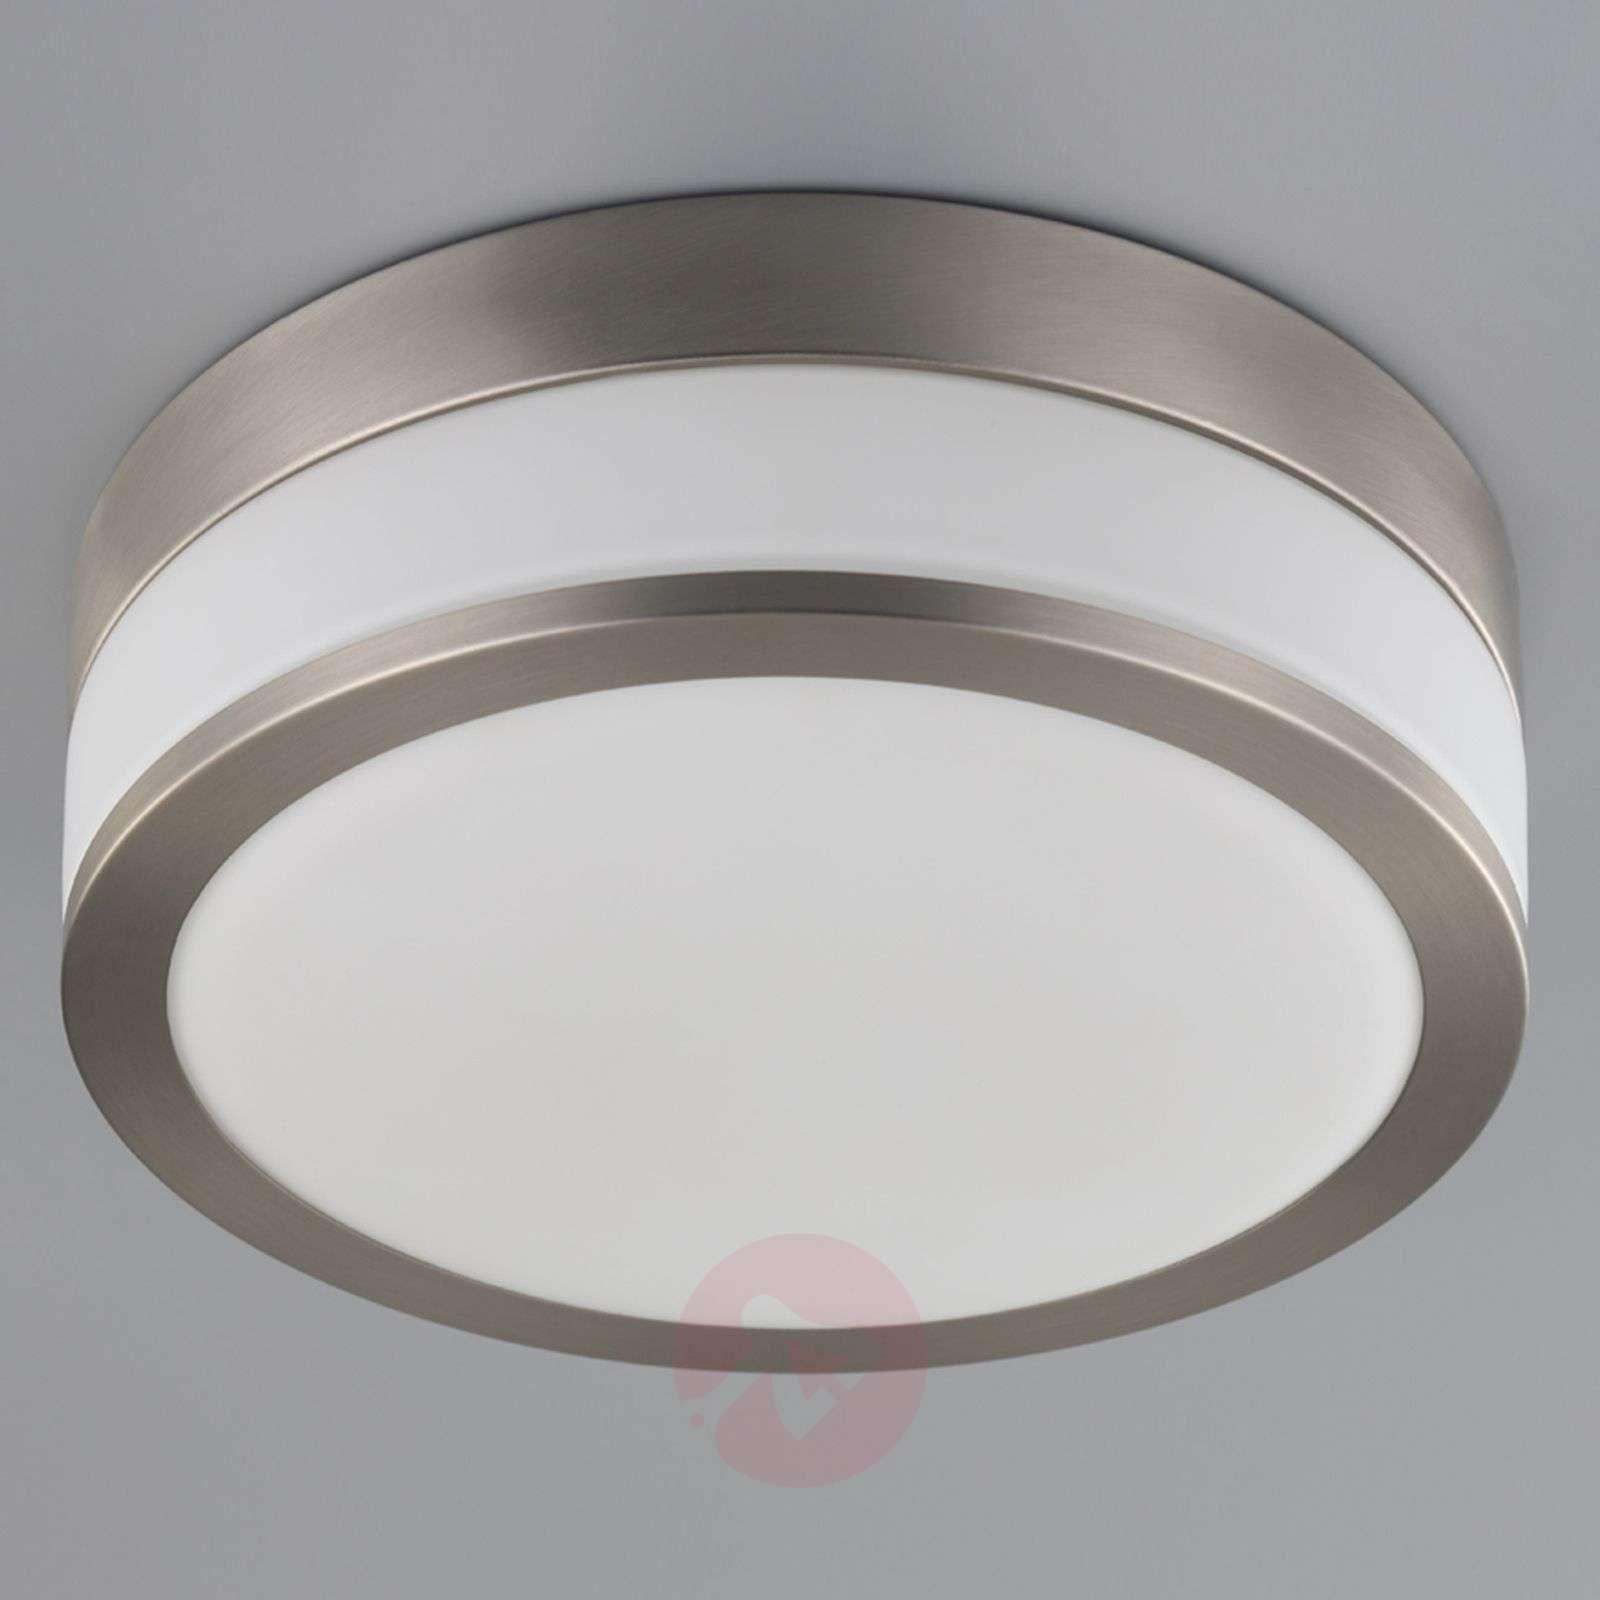 led bathroom ceiling lamp flavi matt nickel 9620634 011 - Led Bathroom Ceiling Lights